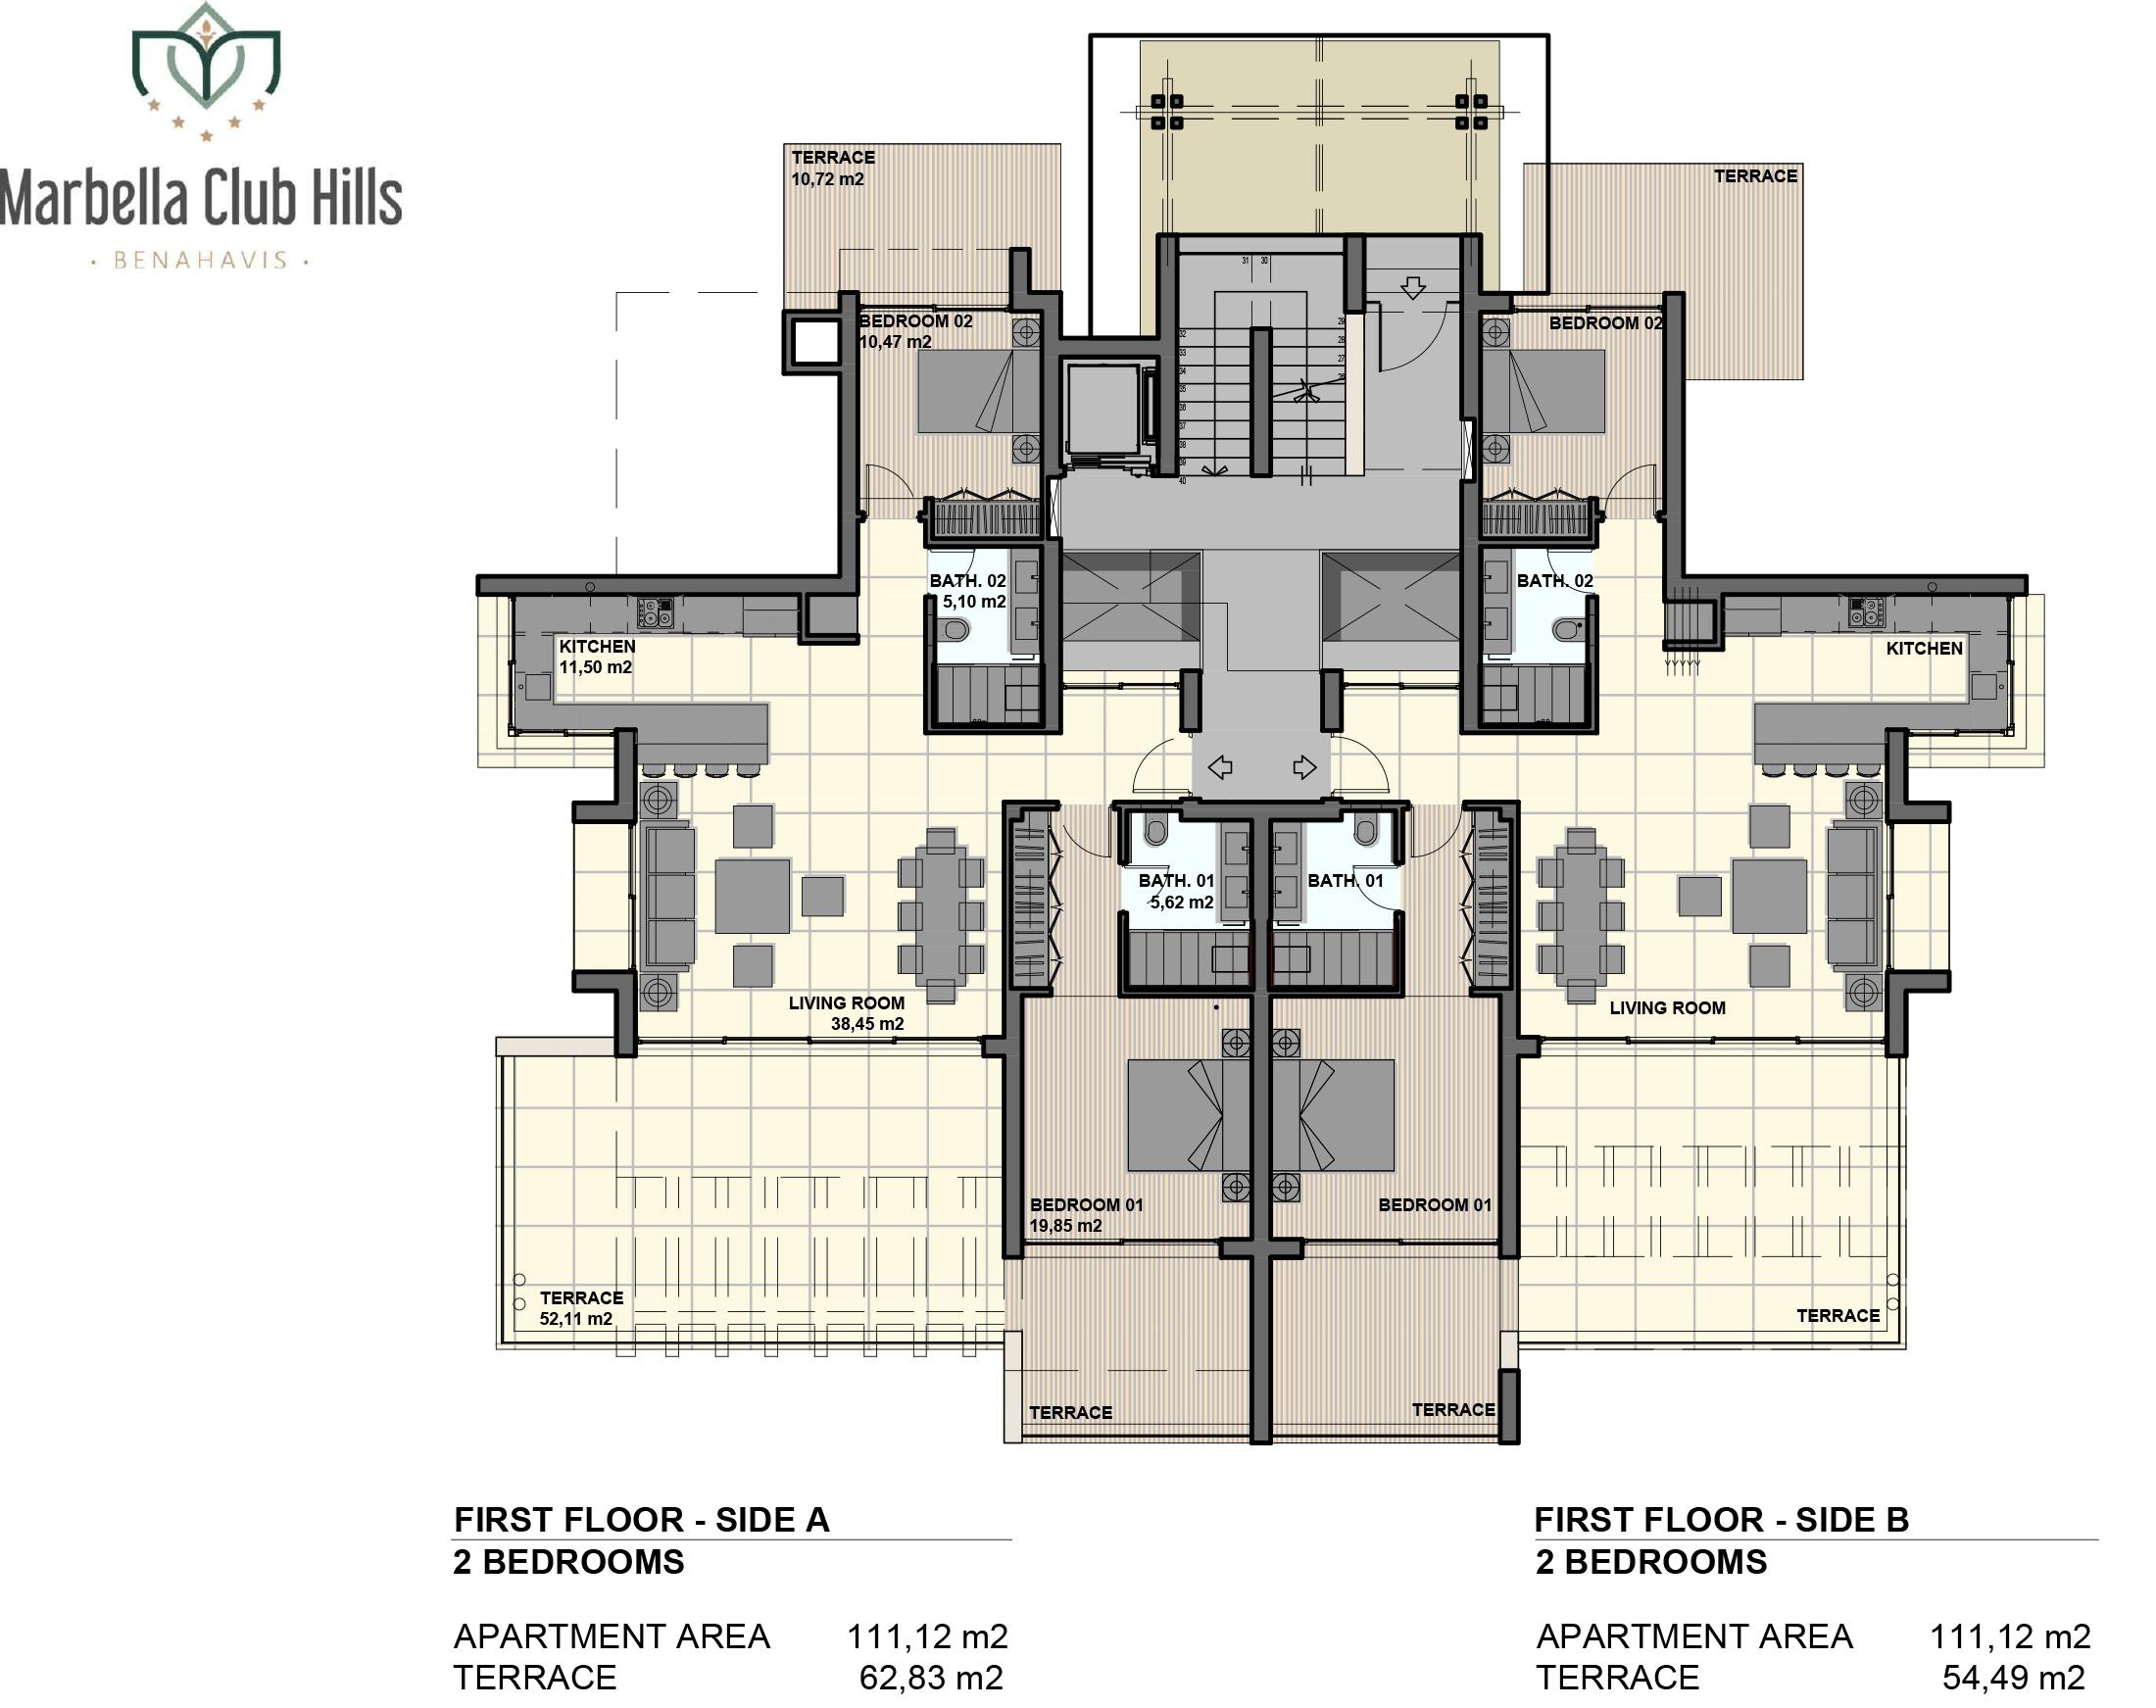 marbella club hills benahavis new golden mile appartementen penthouses te koop zeezicht verdieping 2slaapkamers